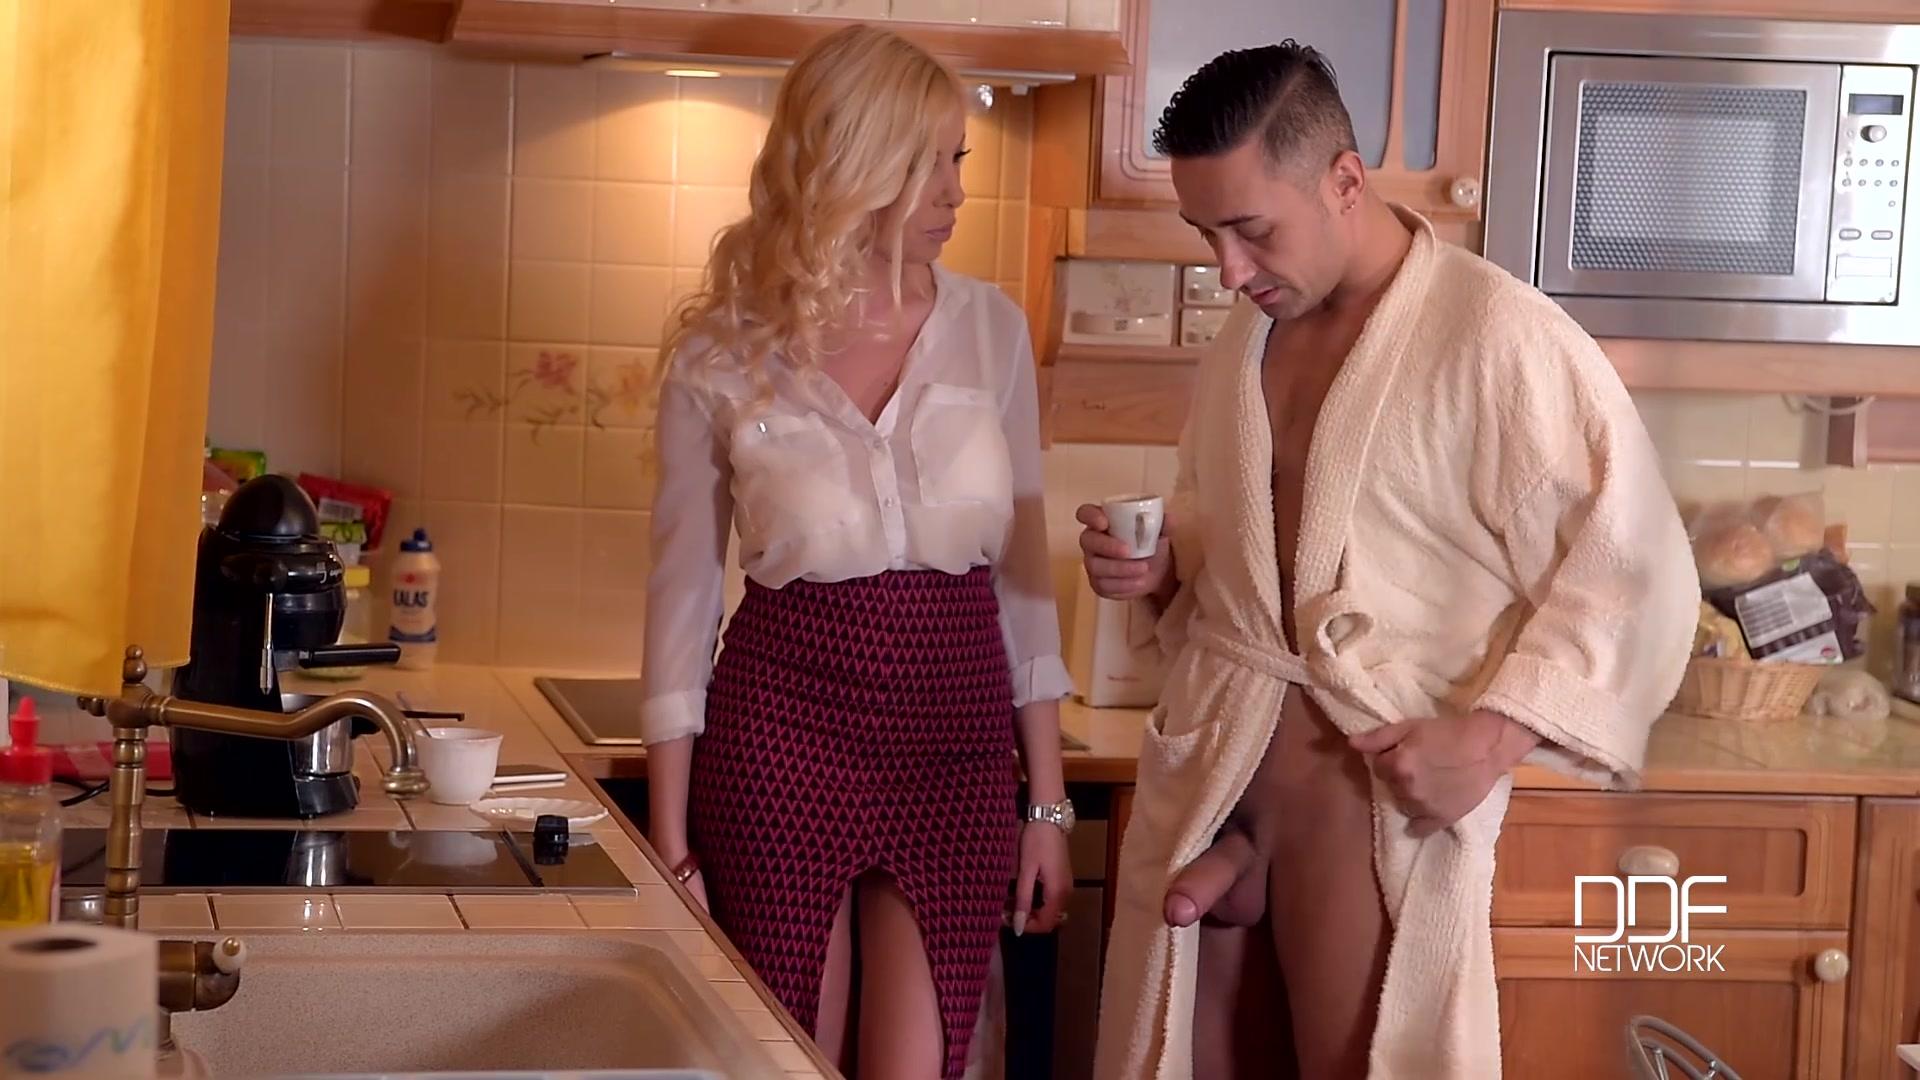 секс с мужем на кухне фото